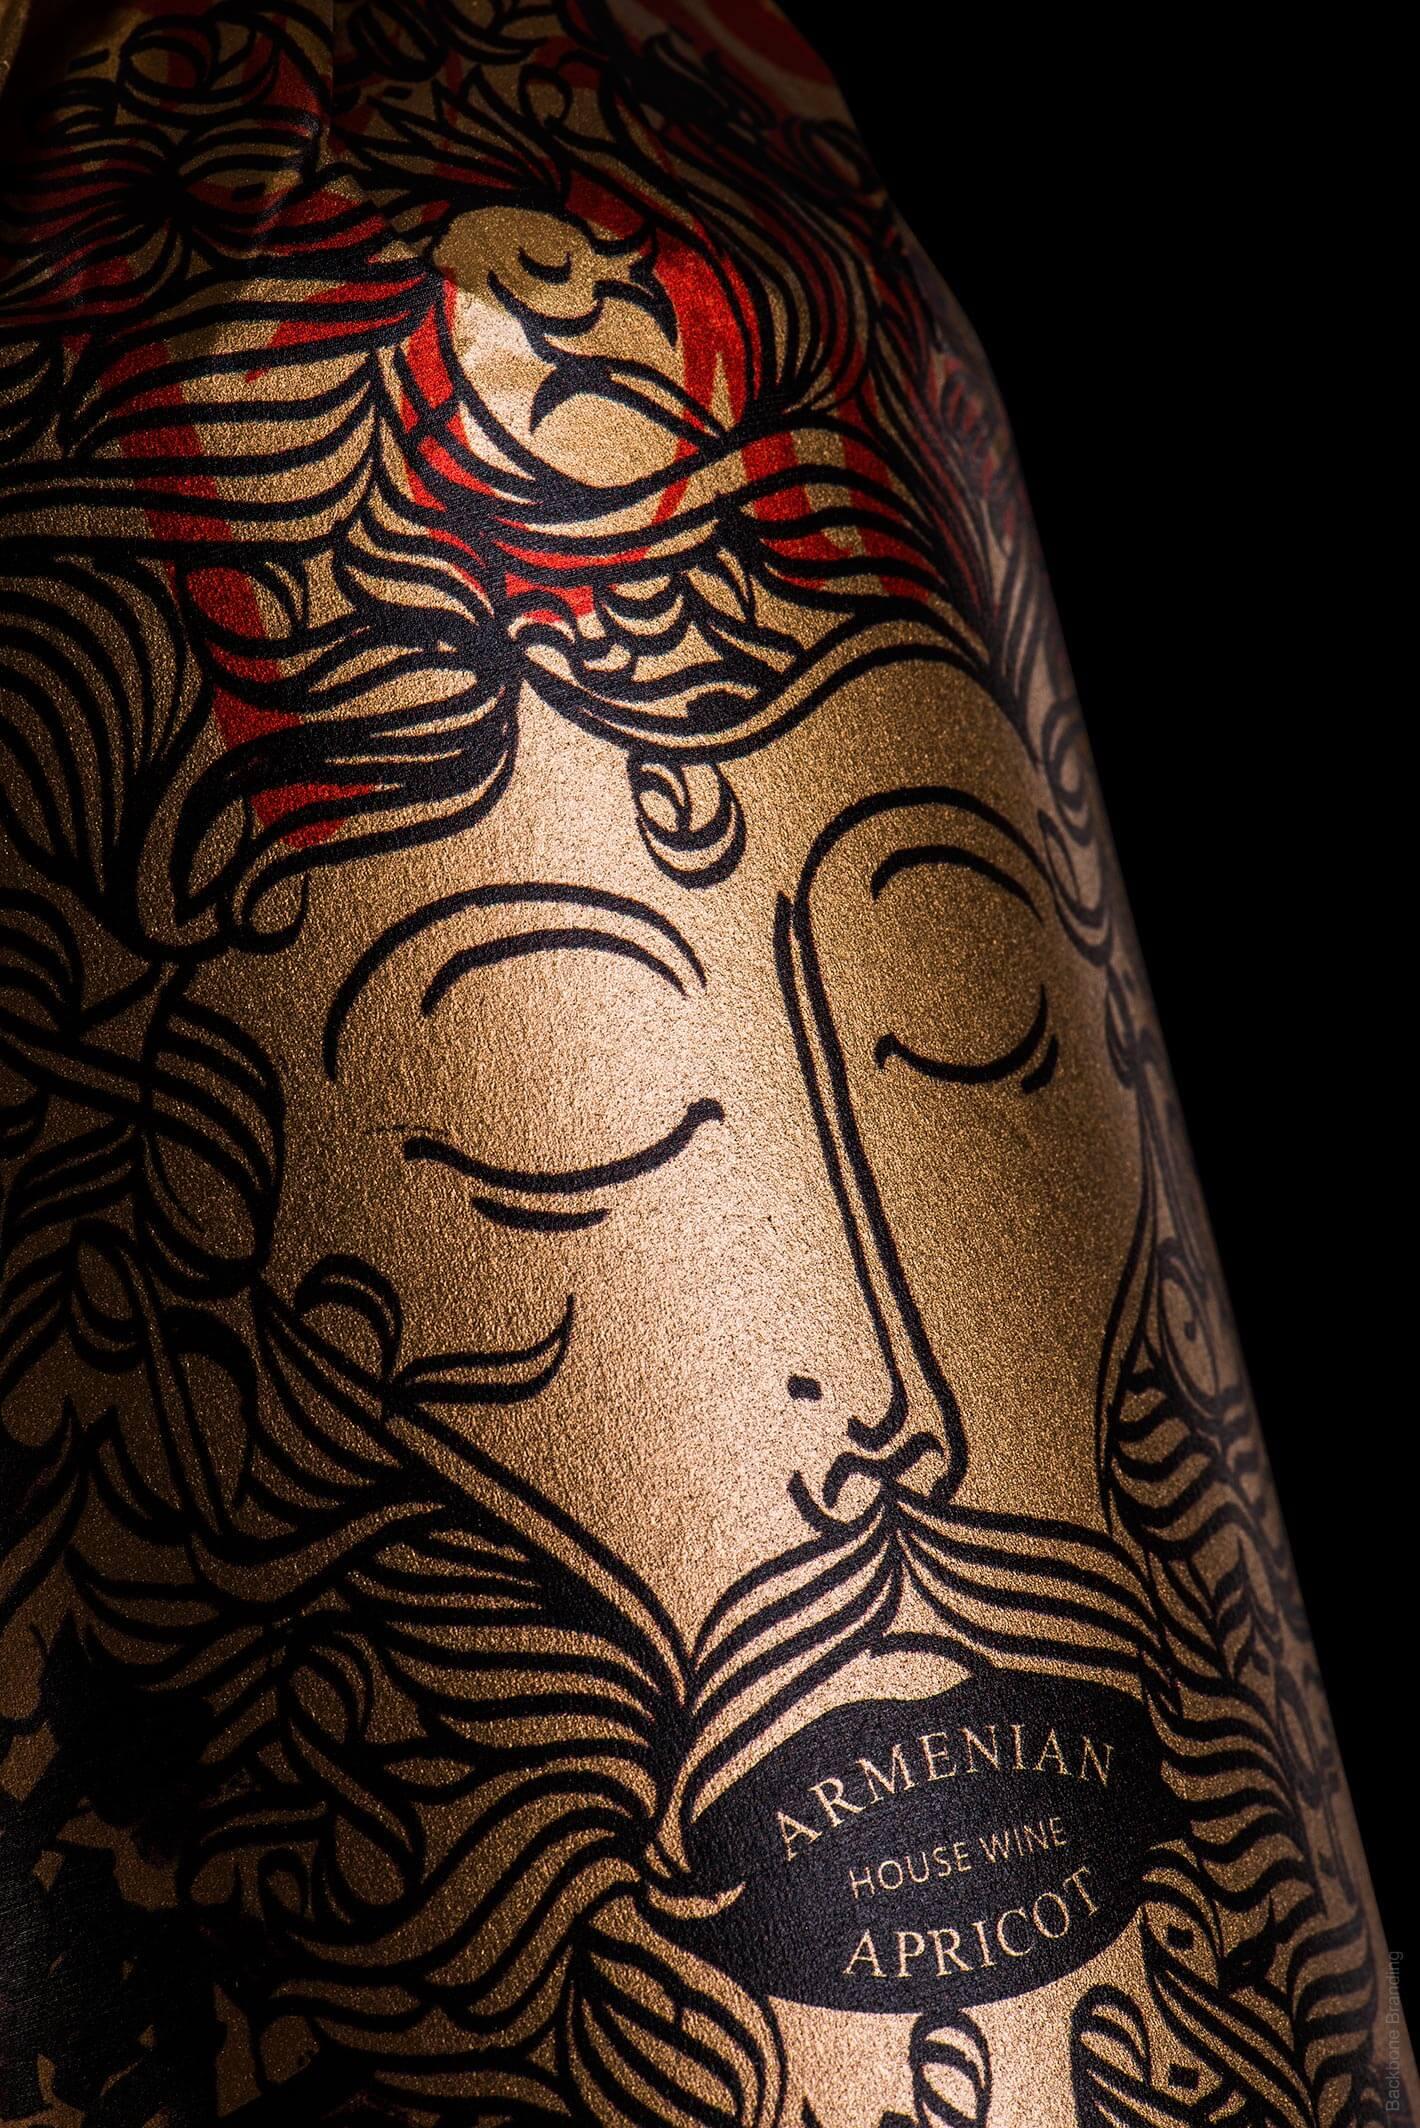 Koloak House Wine